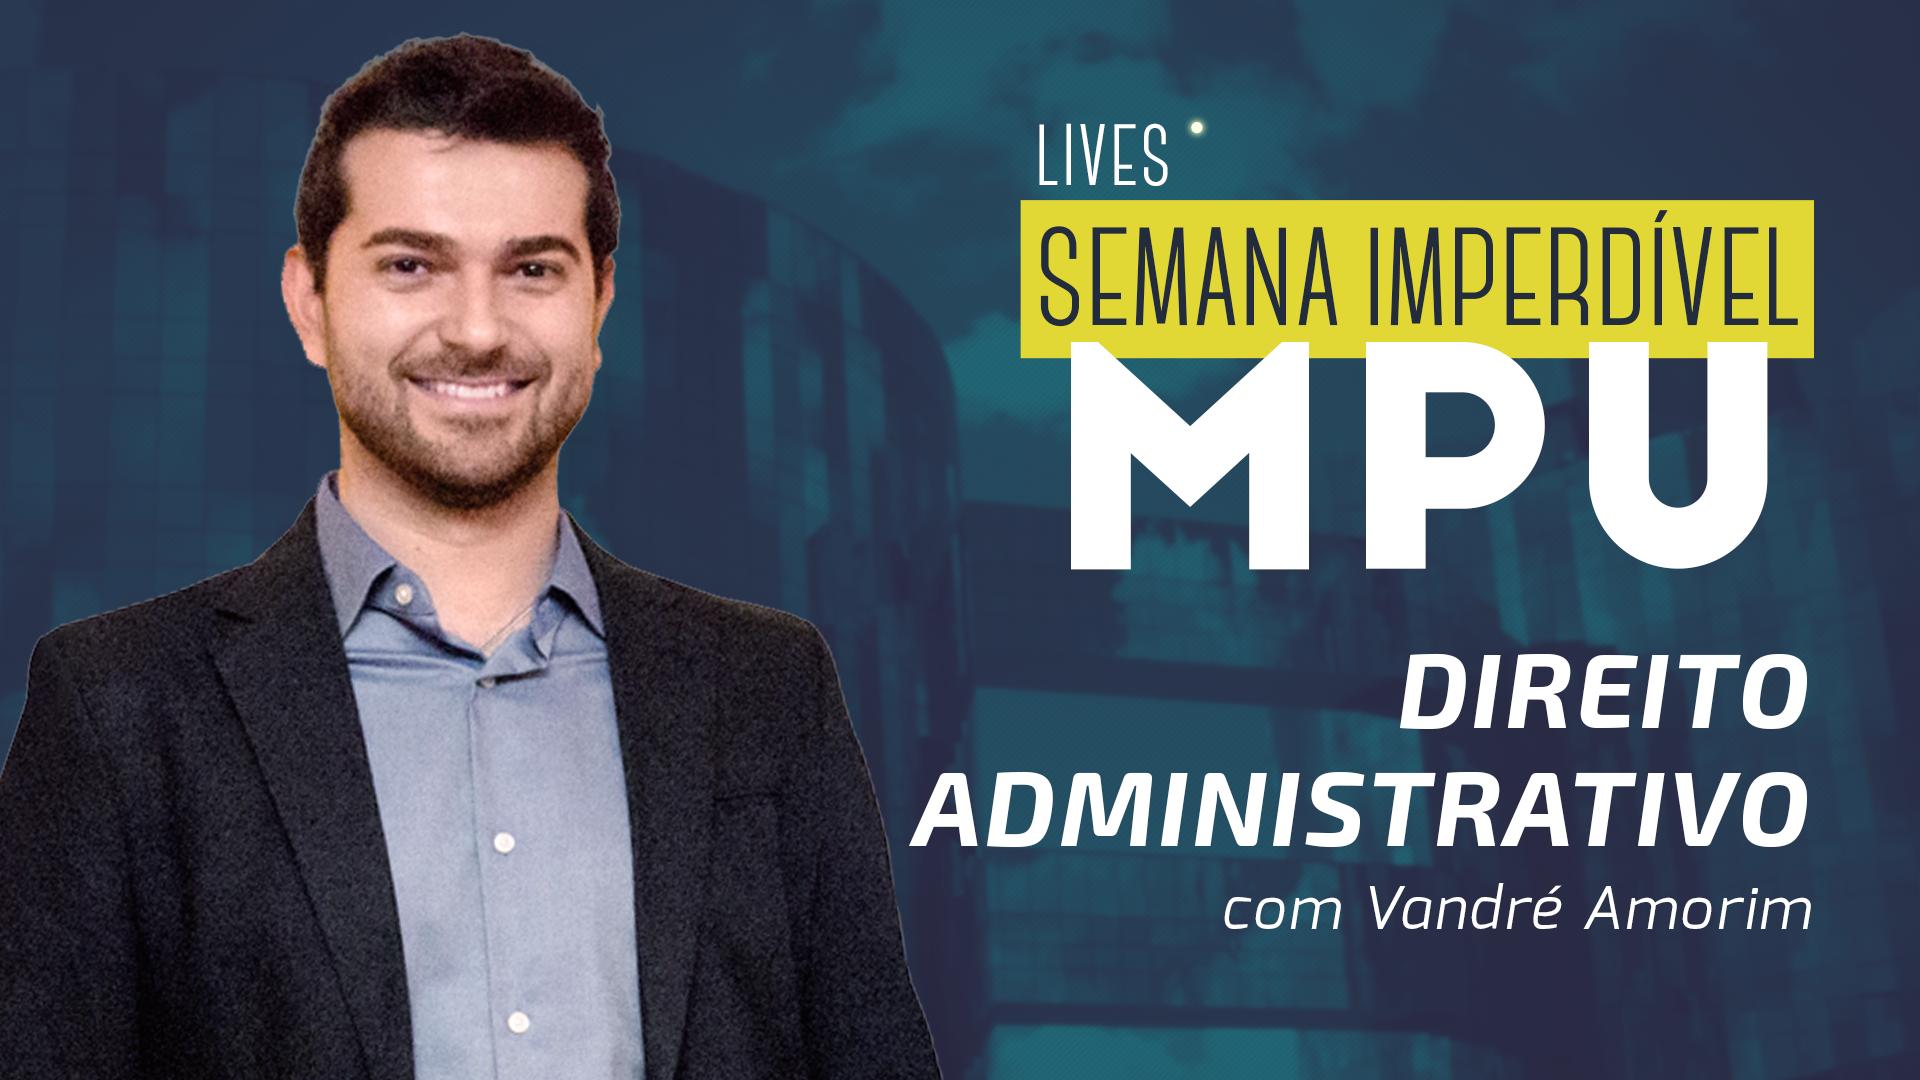 Semana Imperdível MPU - Direito Administrativo | Prof.Vandré Amorim